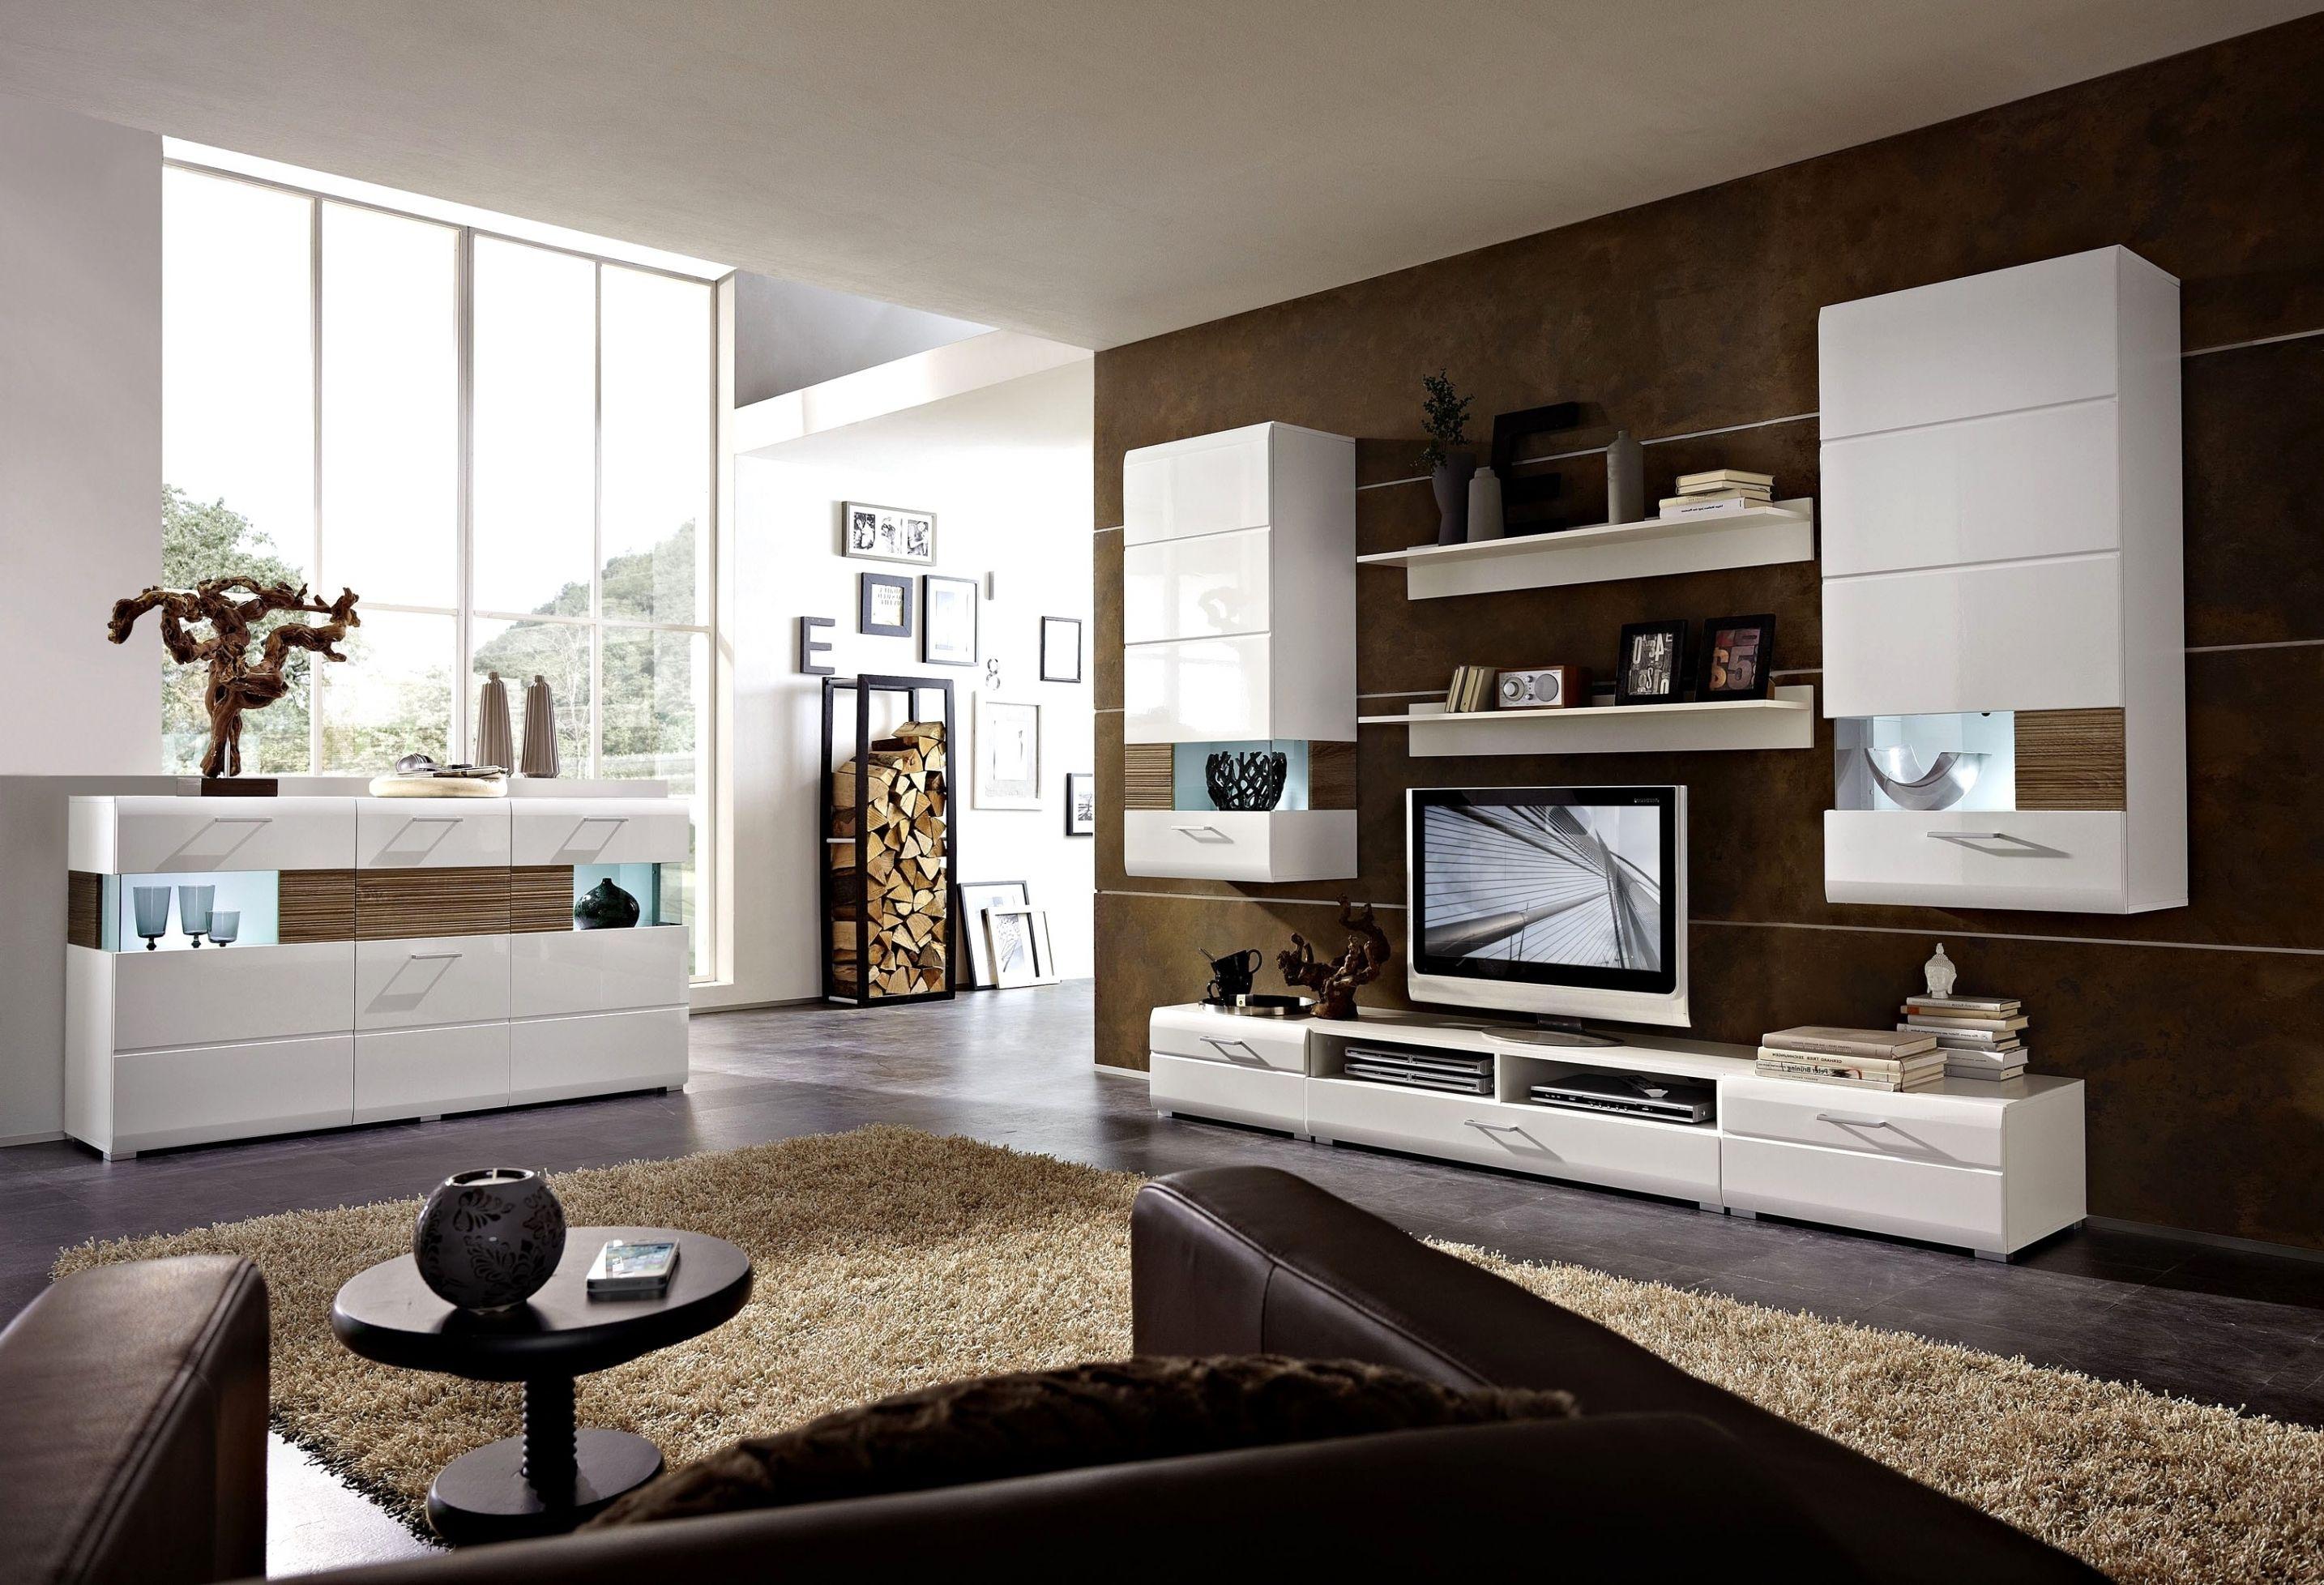 Beste Von Deko Für Wohnzimmer Wand | Wohnzimmer ideen | Pinterest